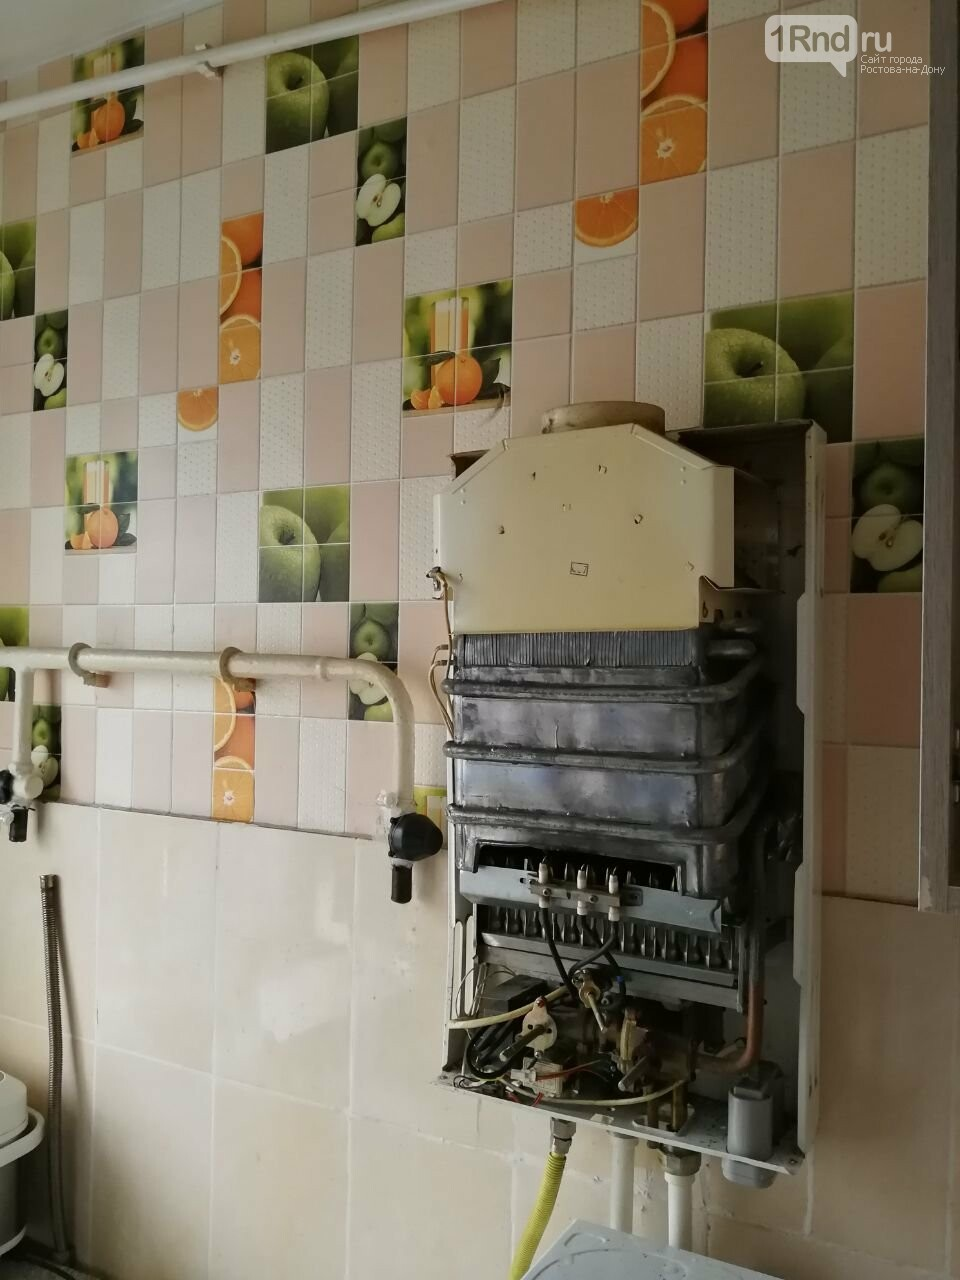 Трагедия в Новочеркасске произошла из-за самовольного ремонта газовой колонки - газовики, фото-1